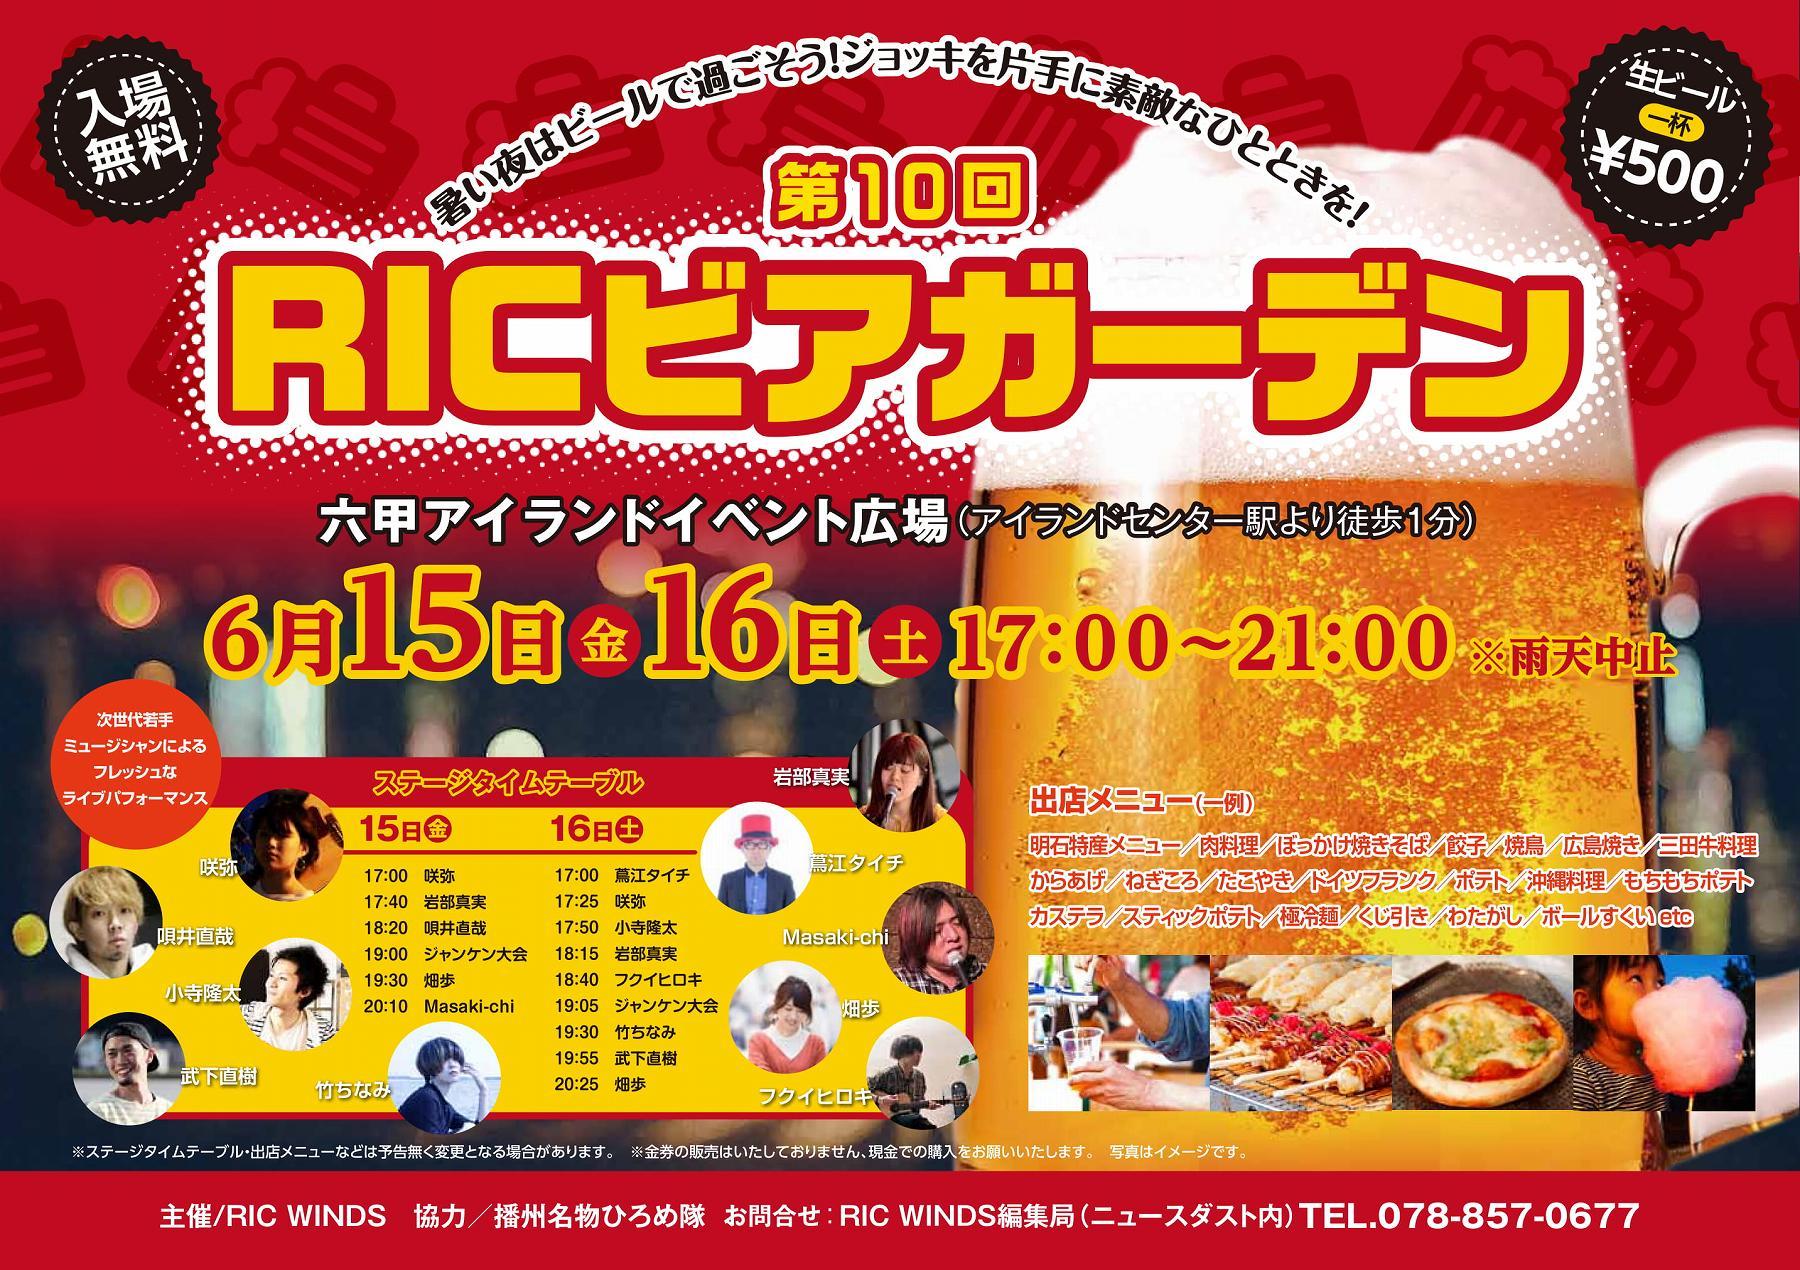 神戸・六甲アイランドで「第10回 RICビアガーデン」が6/15(金)と6/16(土)の夜に開催されるよ! #六甲アイランド #ビアガーデン #RIC